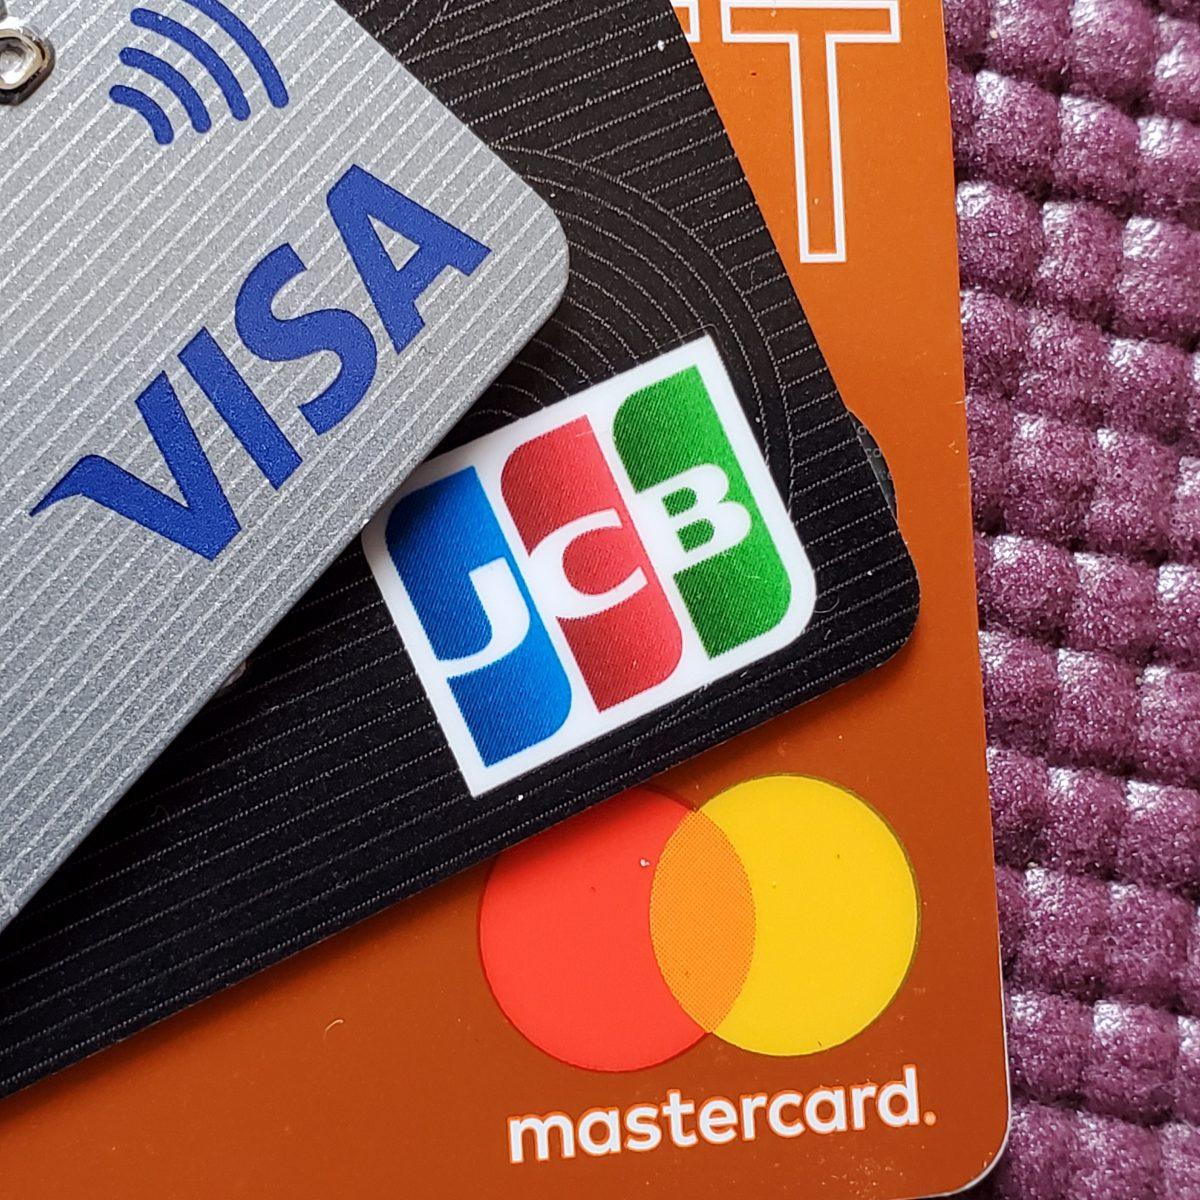 クレジットカード VISA(ビザ) JCB MasterCard(マスターカード)